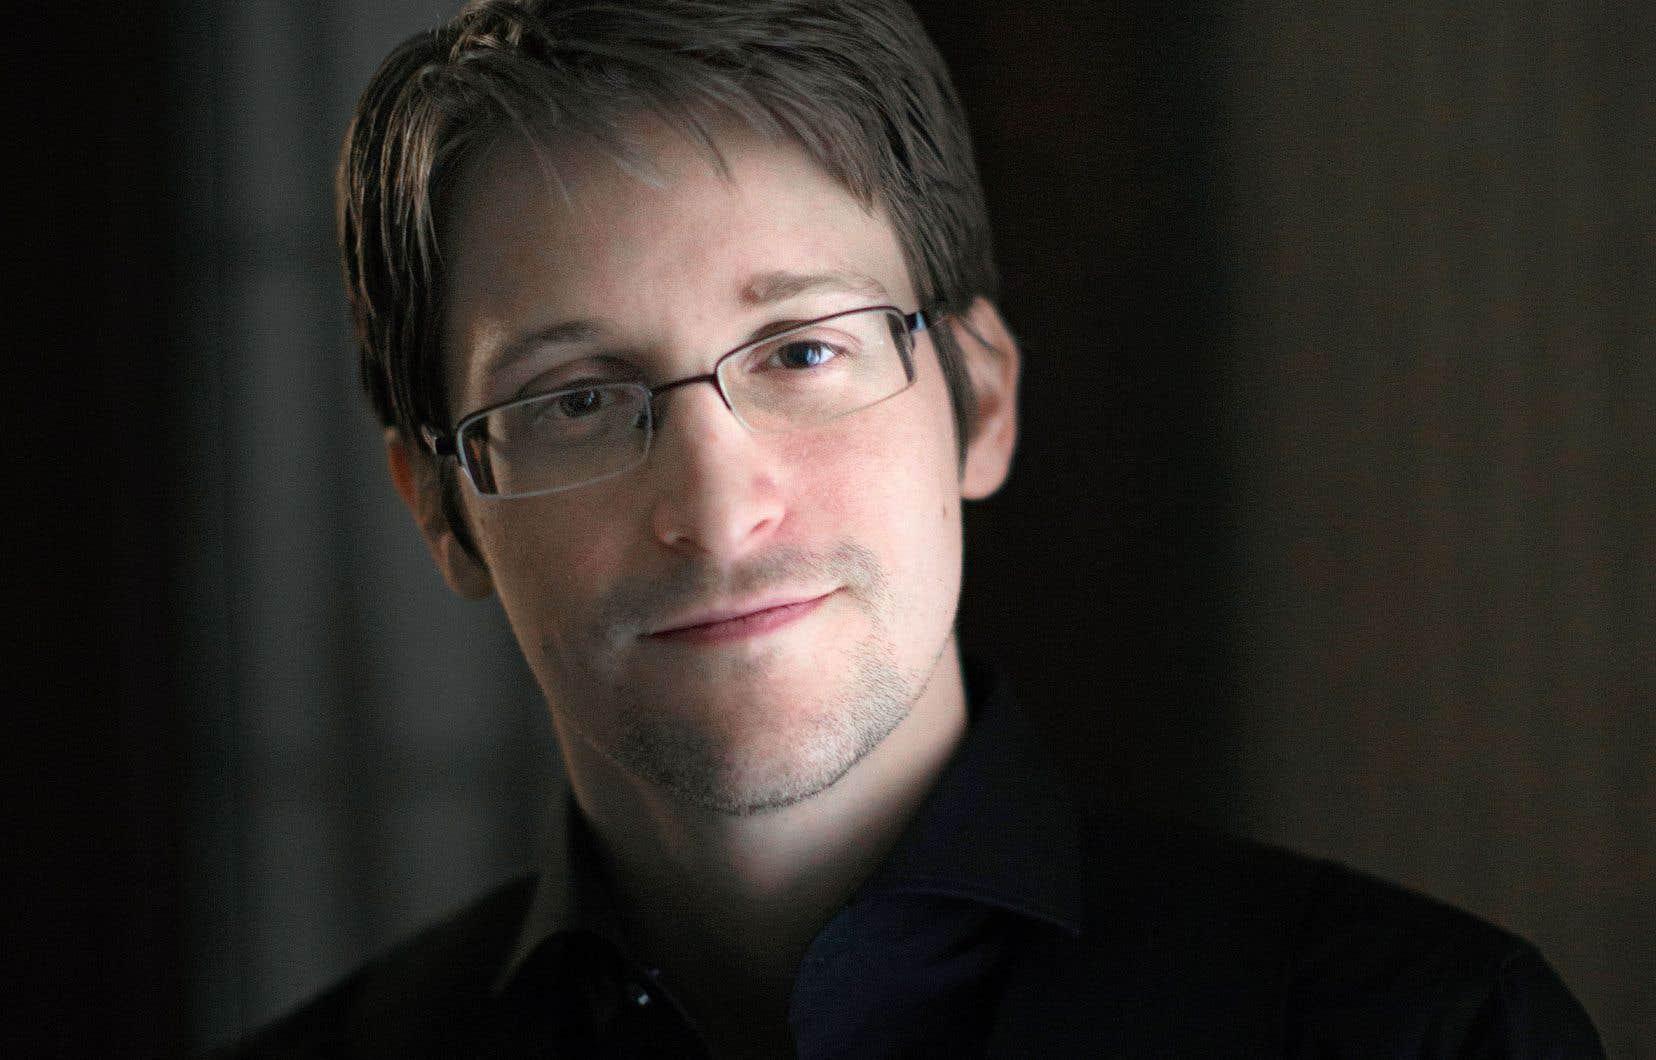 Edward Snowden est aujourd'hui réfugié en Russie. Après le coulage massif des documents de la NSA,considéré comme un traître à sa patrie,ilétaitdevenu le cauchemar du gouvernement Obama.